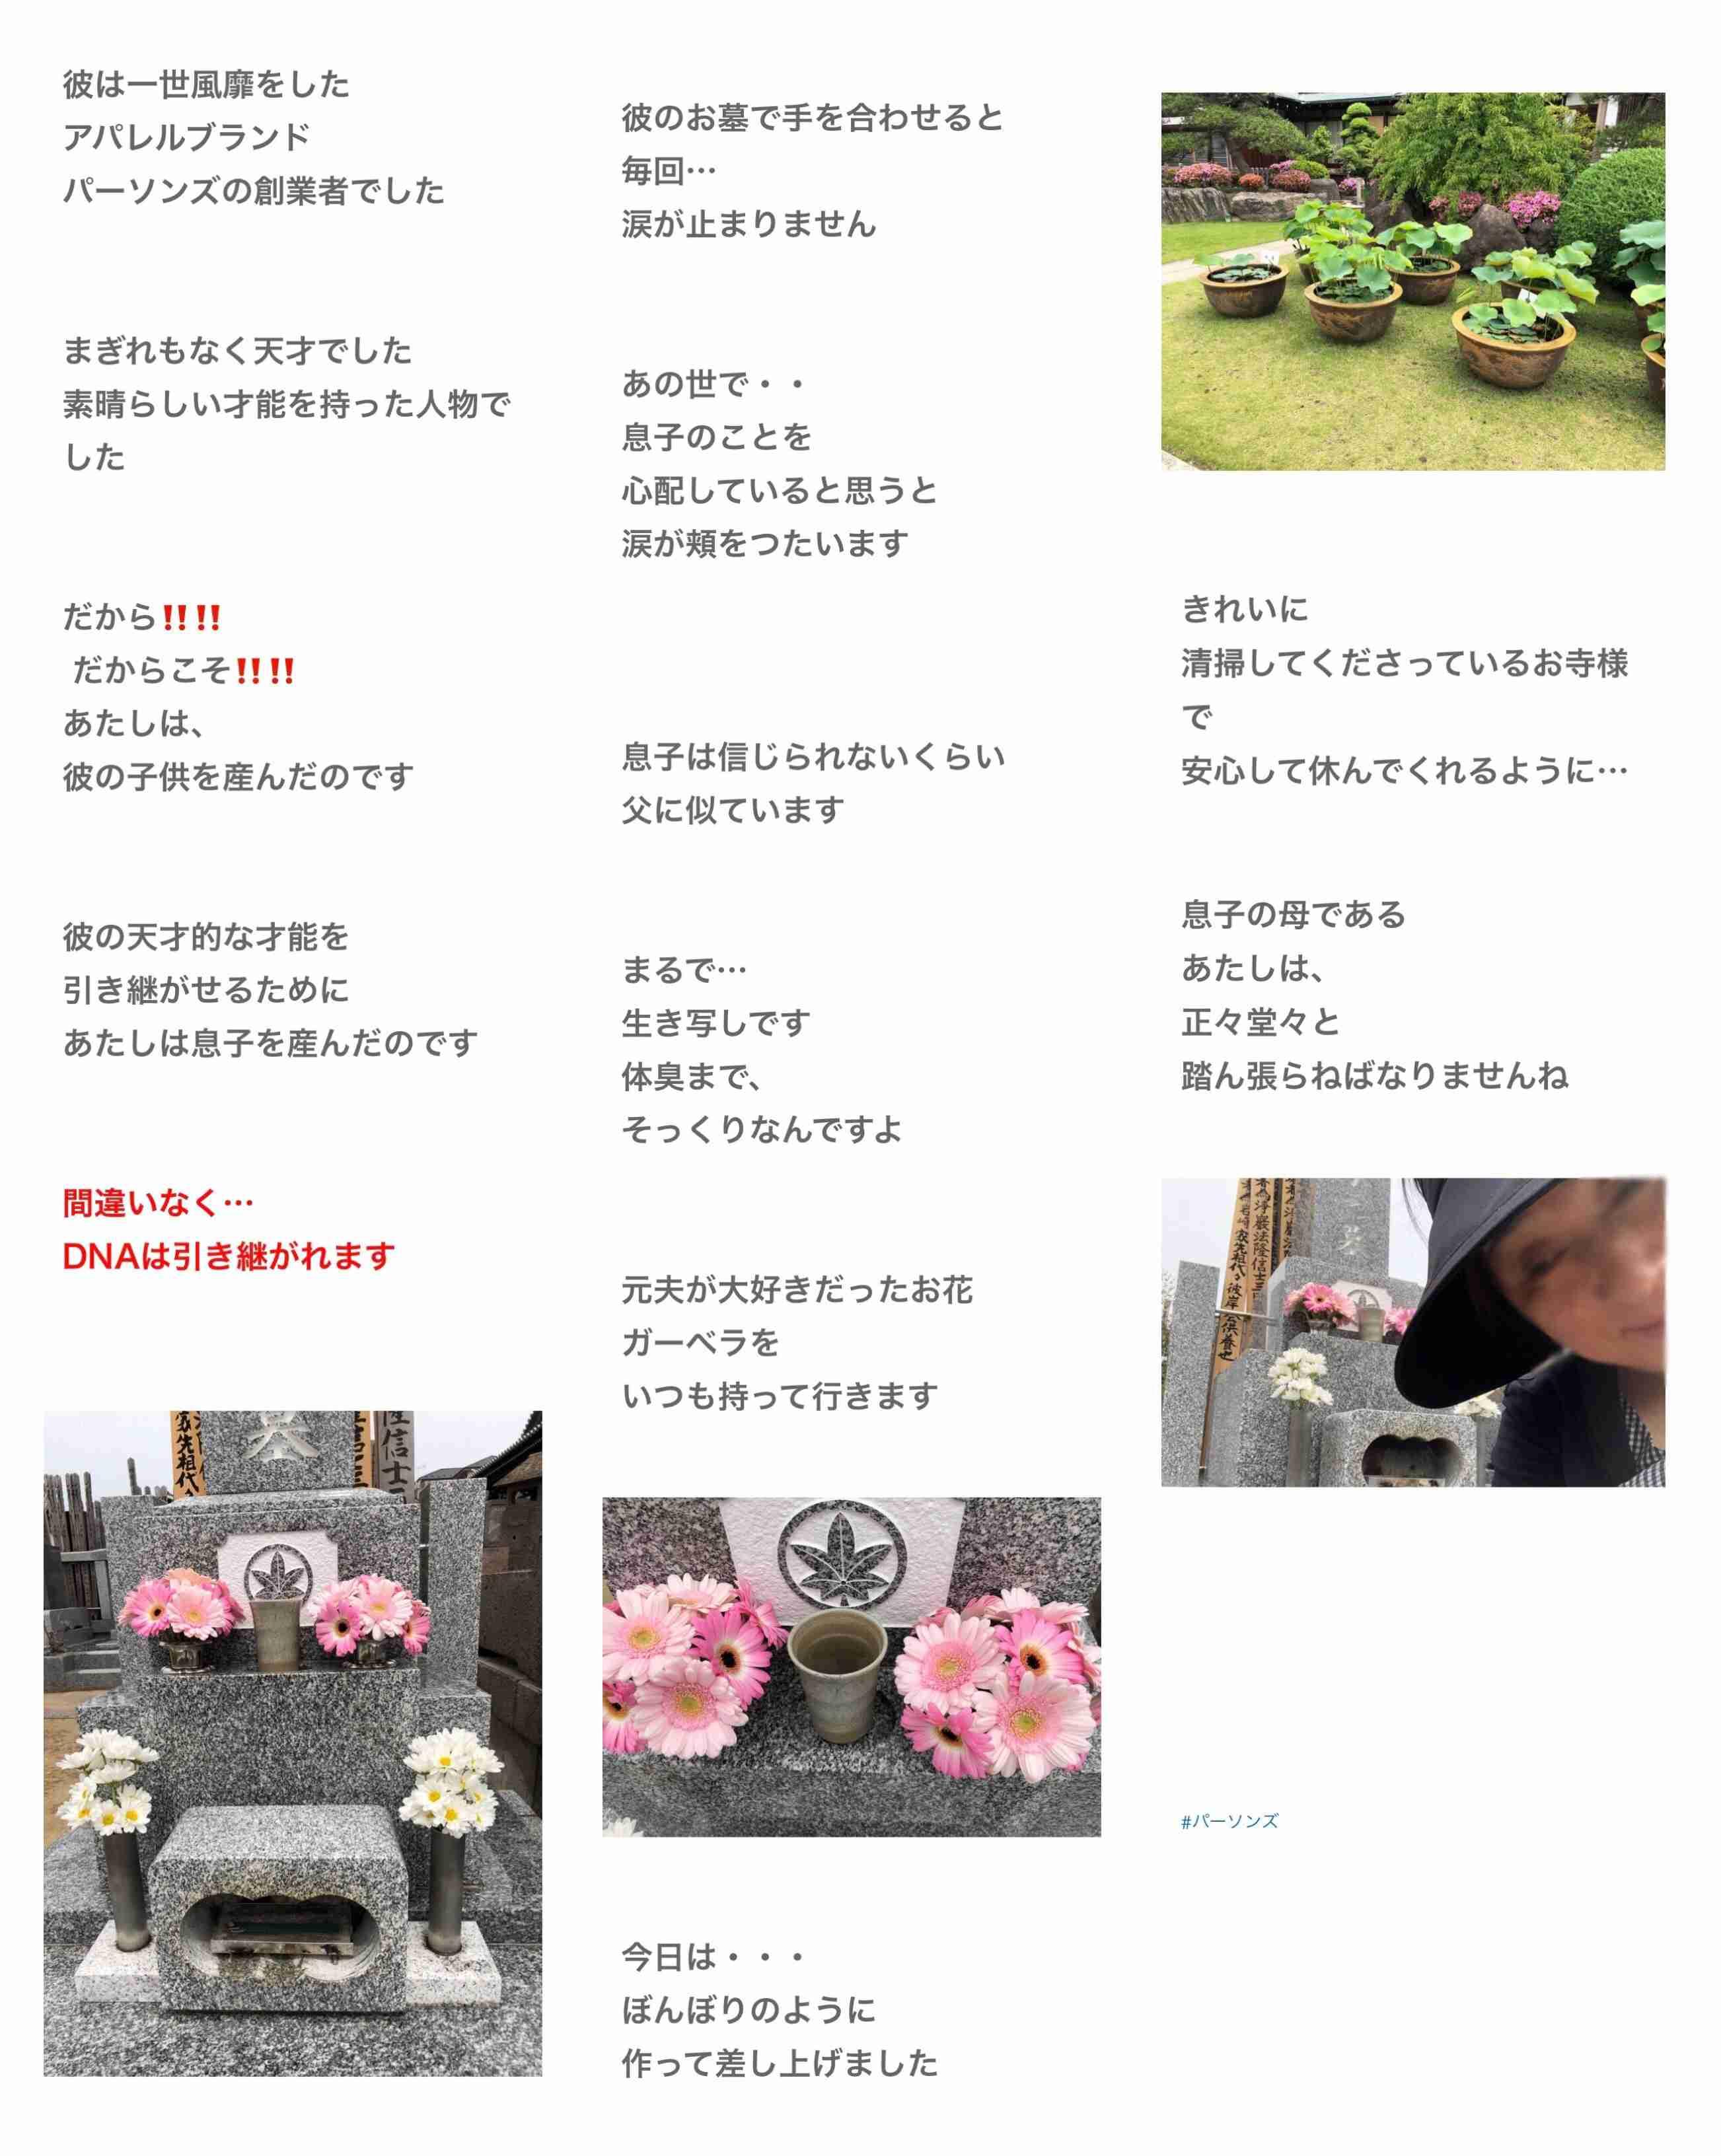 松居一代、聴取後即ブログ更新 帰宅前に神社で決意表明「正々堂々生きていく」